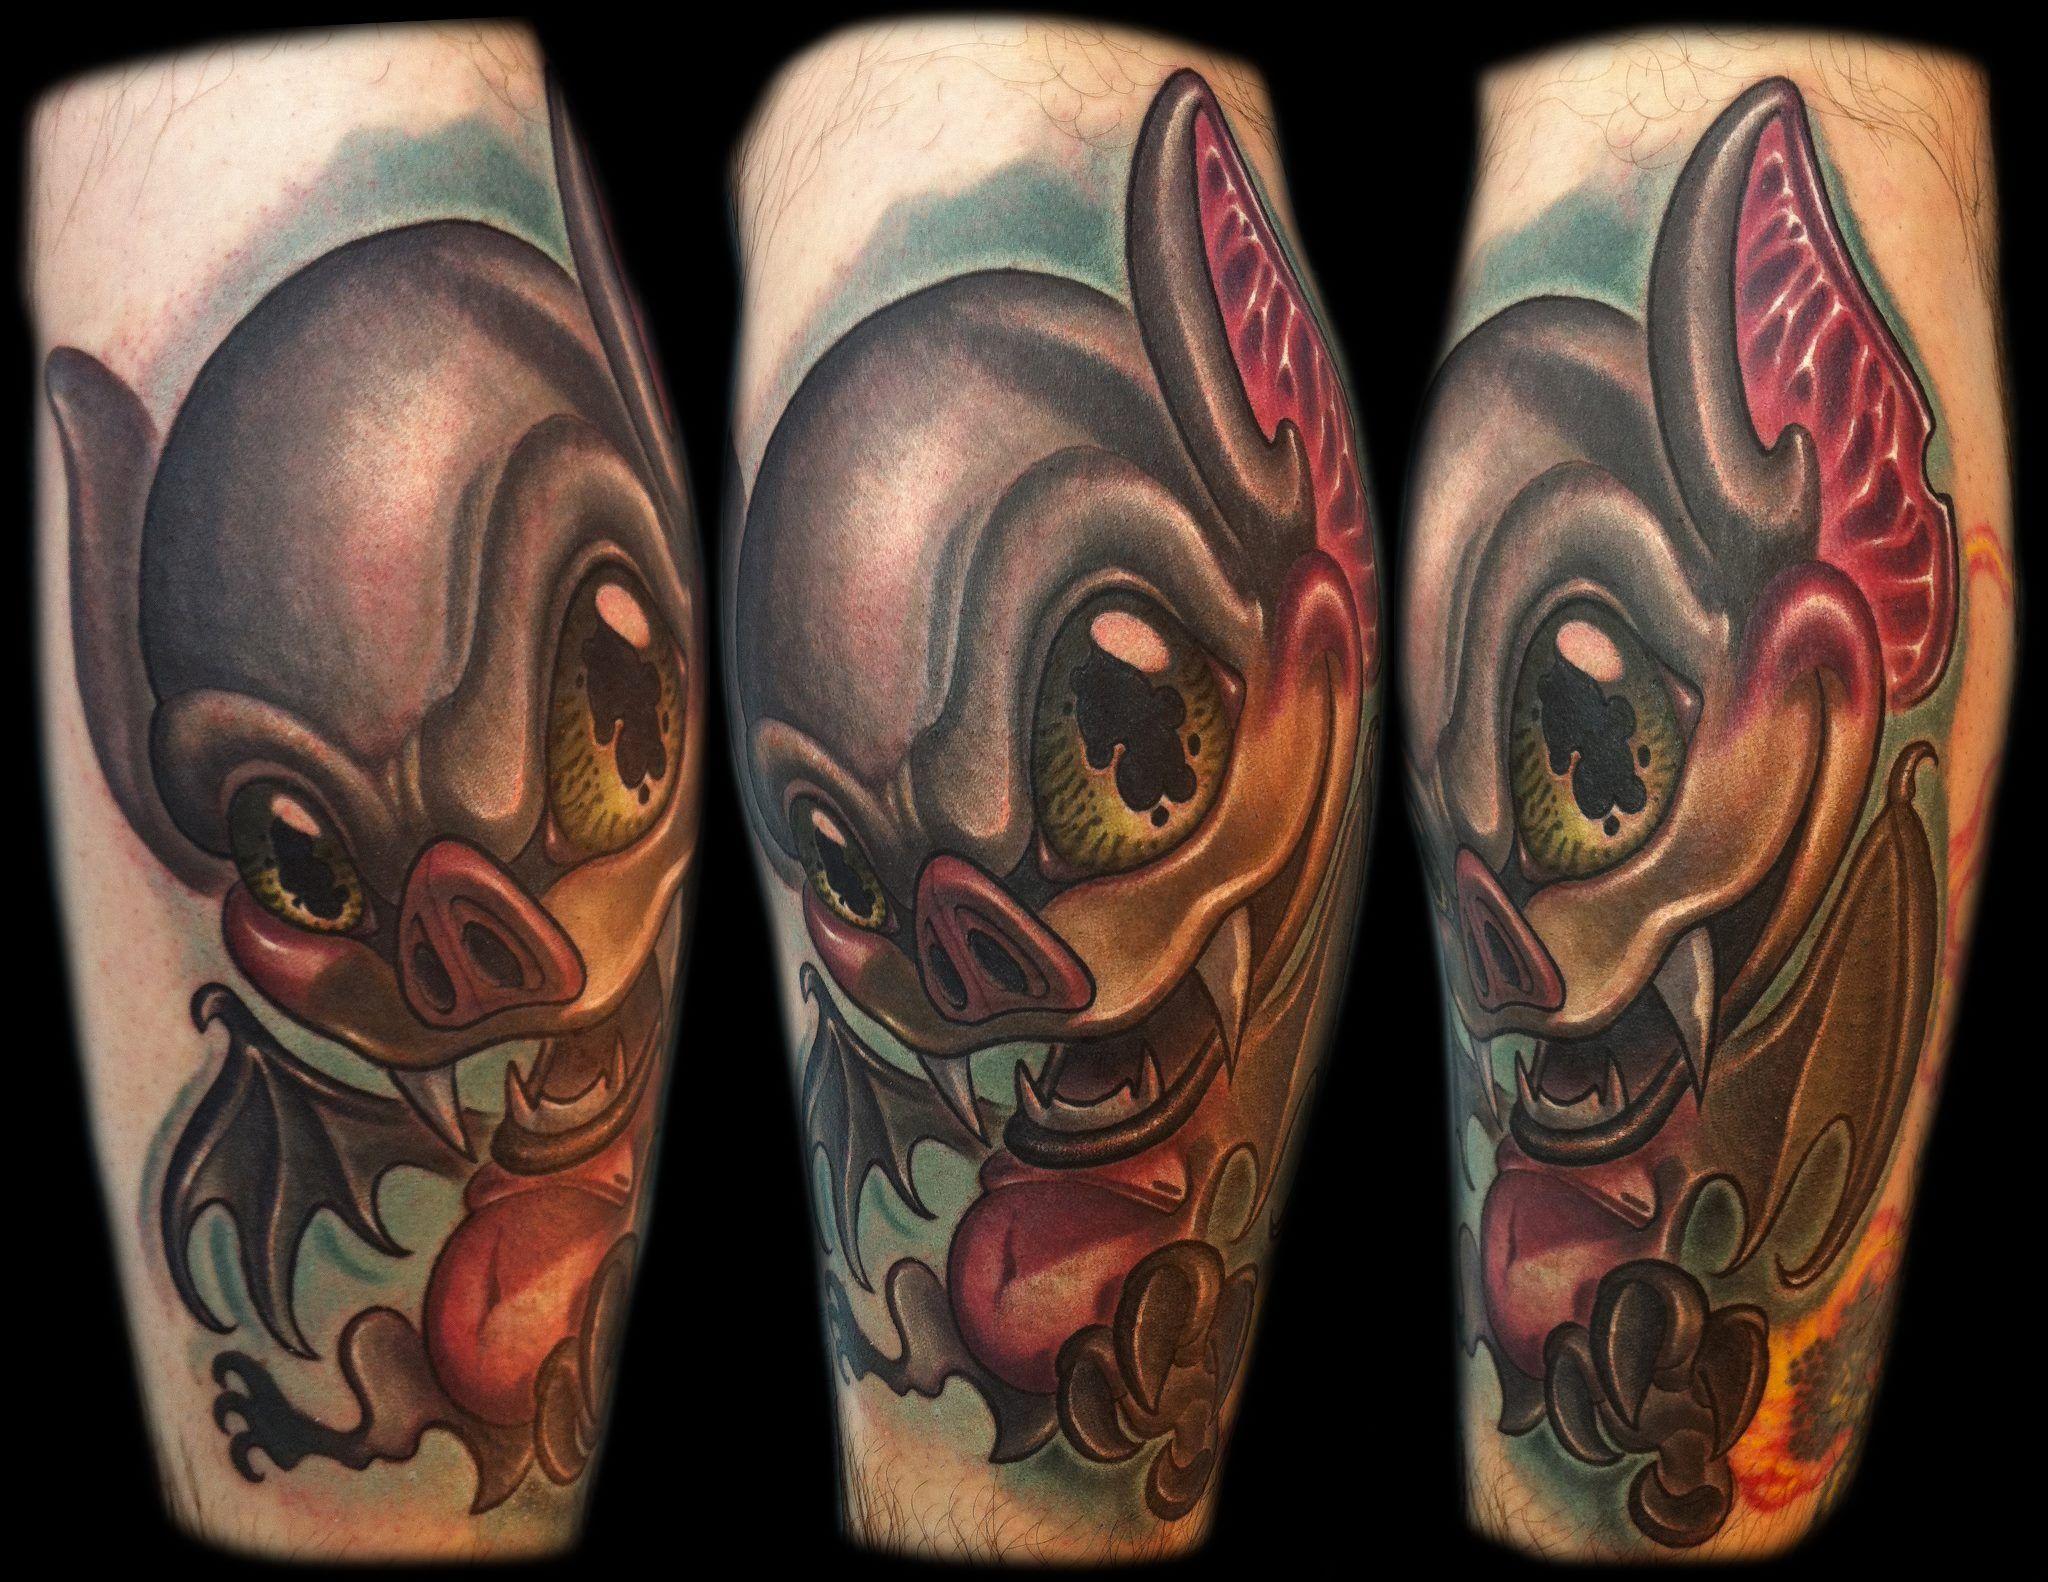 Bat Tattoo Half Sleeve Tattoo Cartoon Tattoos Quarter Sleeve Tattoos